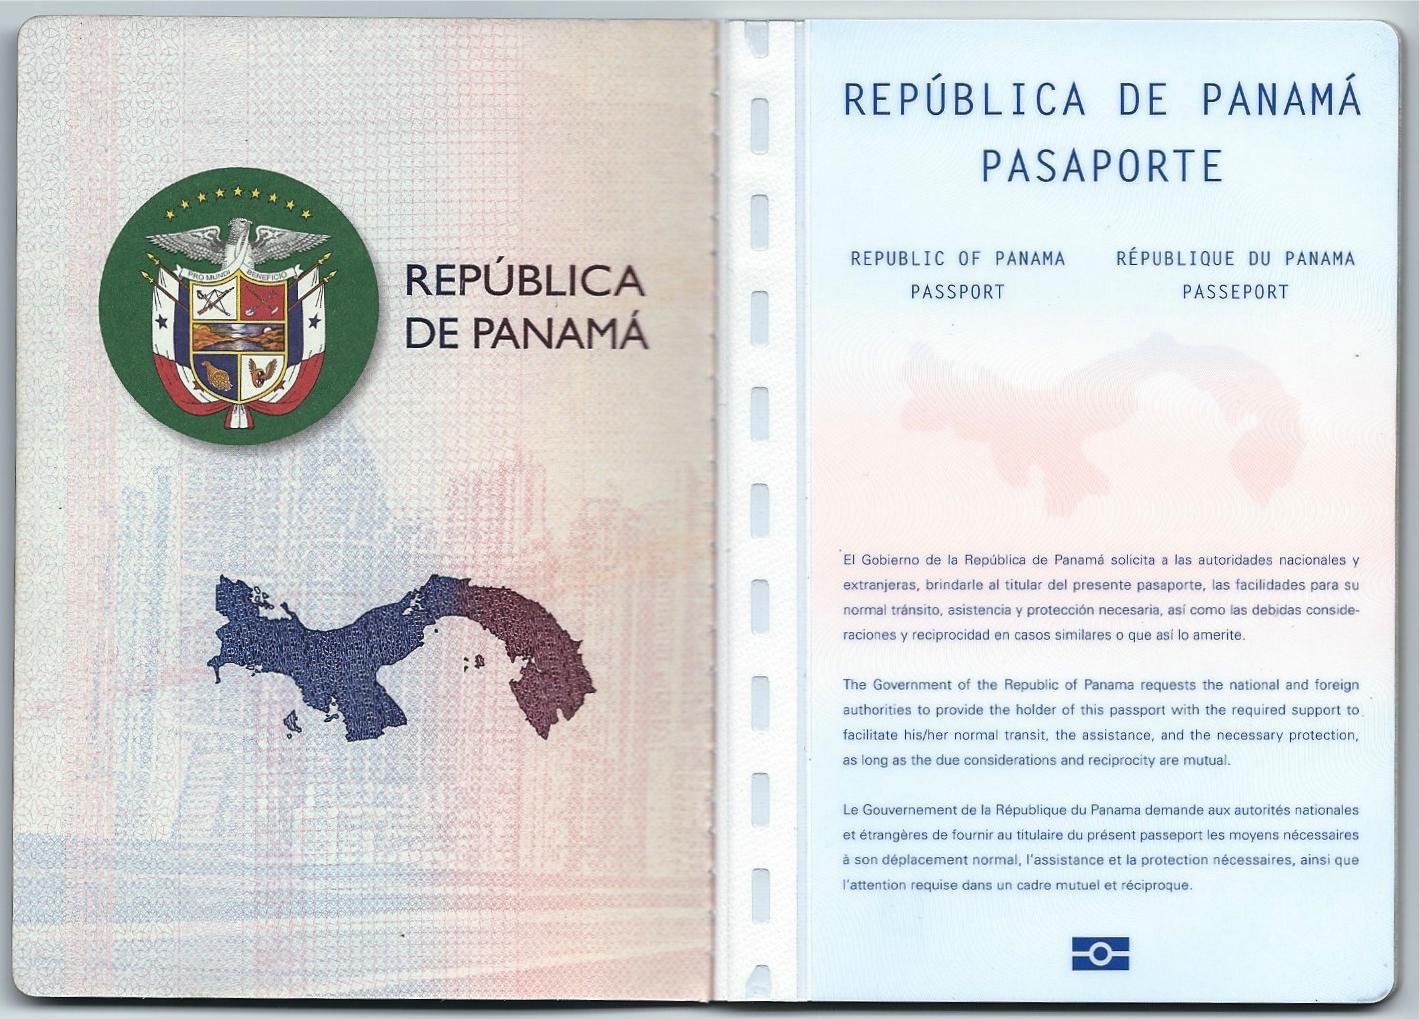 Подтверждение гражданства Республики Панама